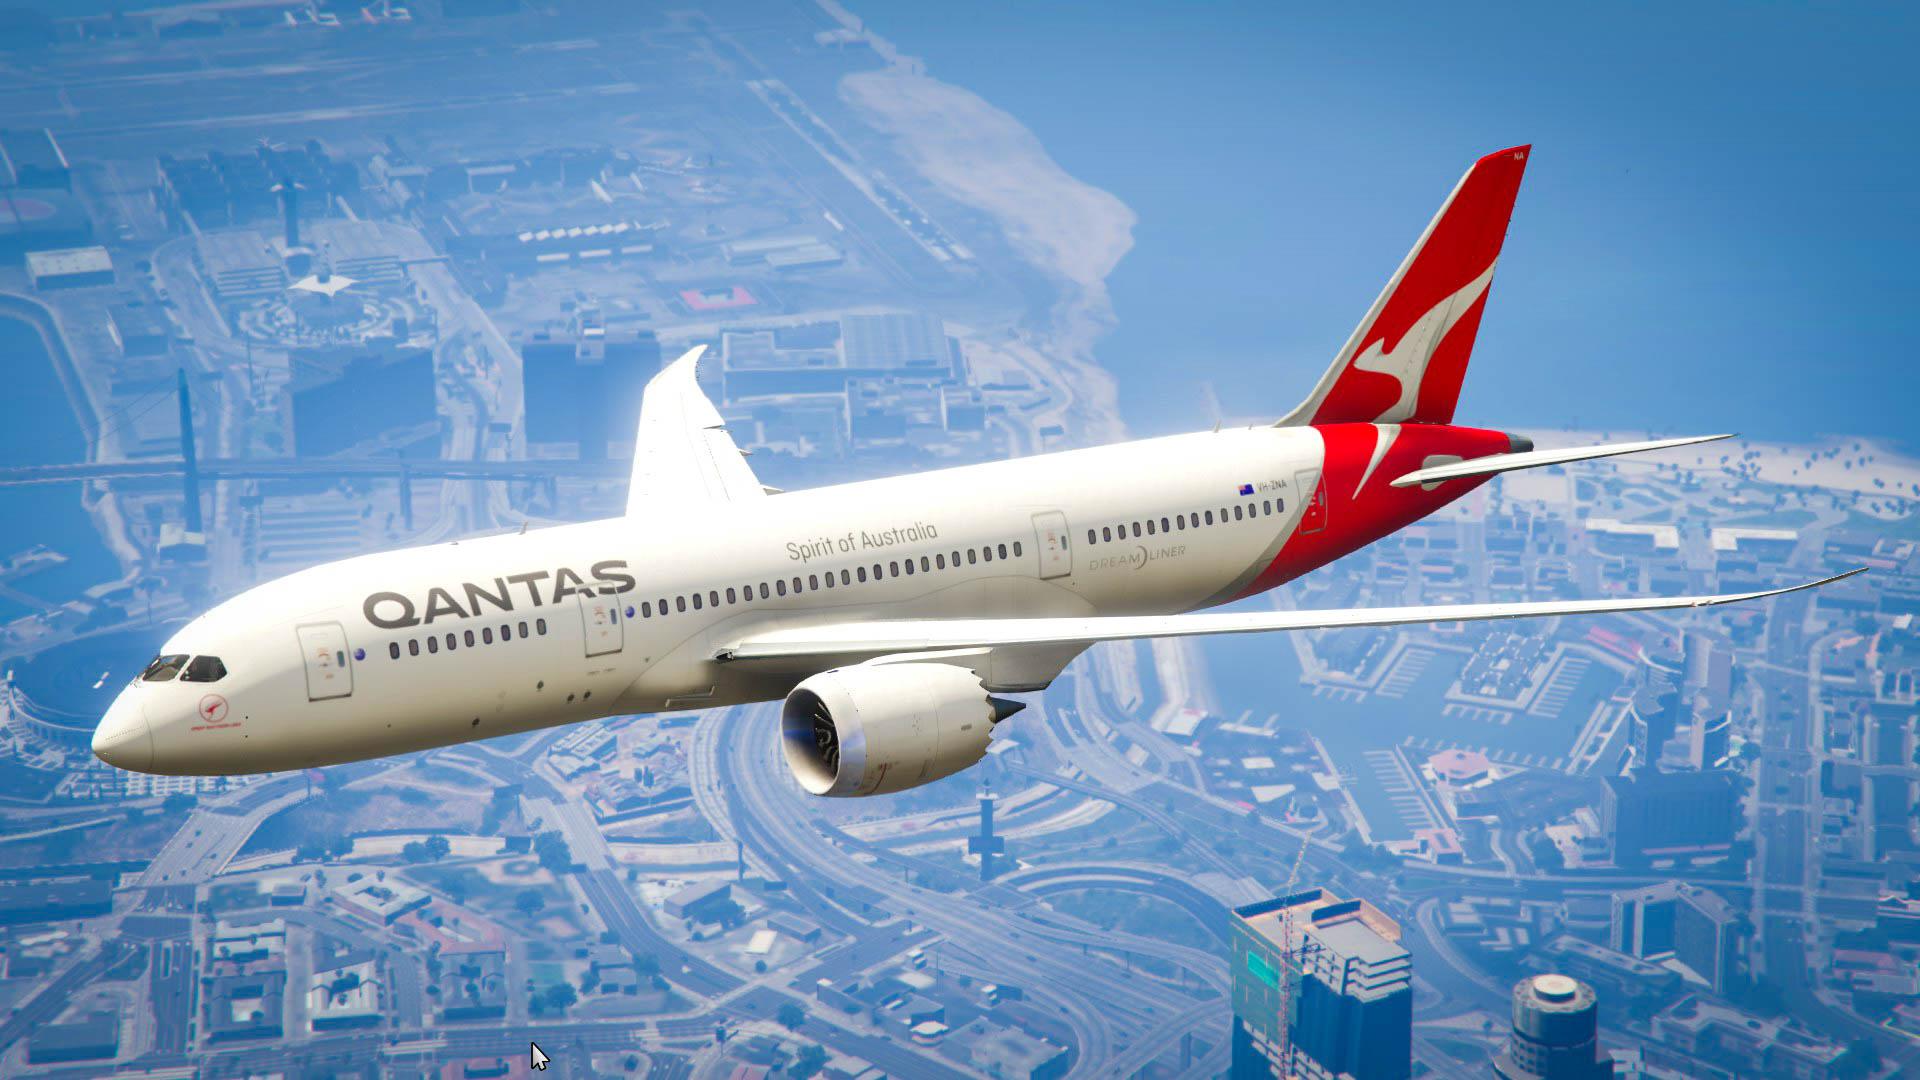 Qantas Boeing 787 Dreamliner - GTA5-Mods com